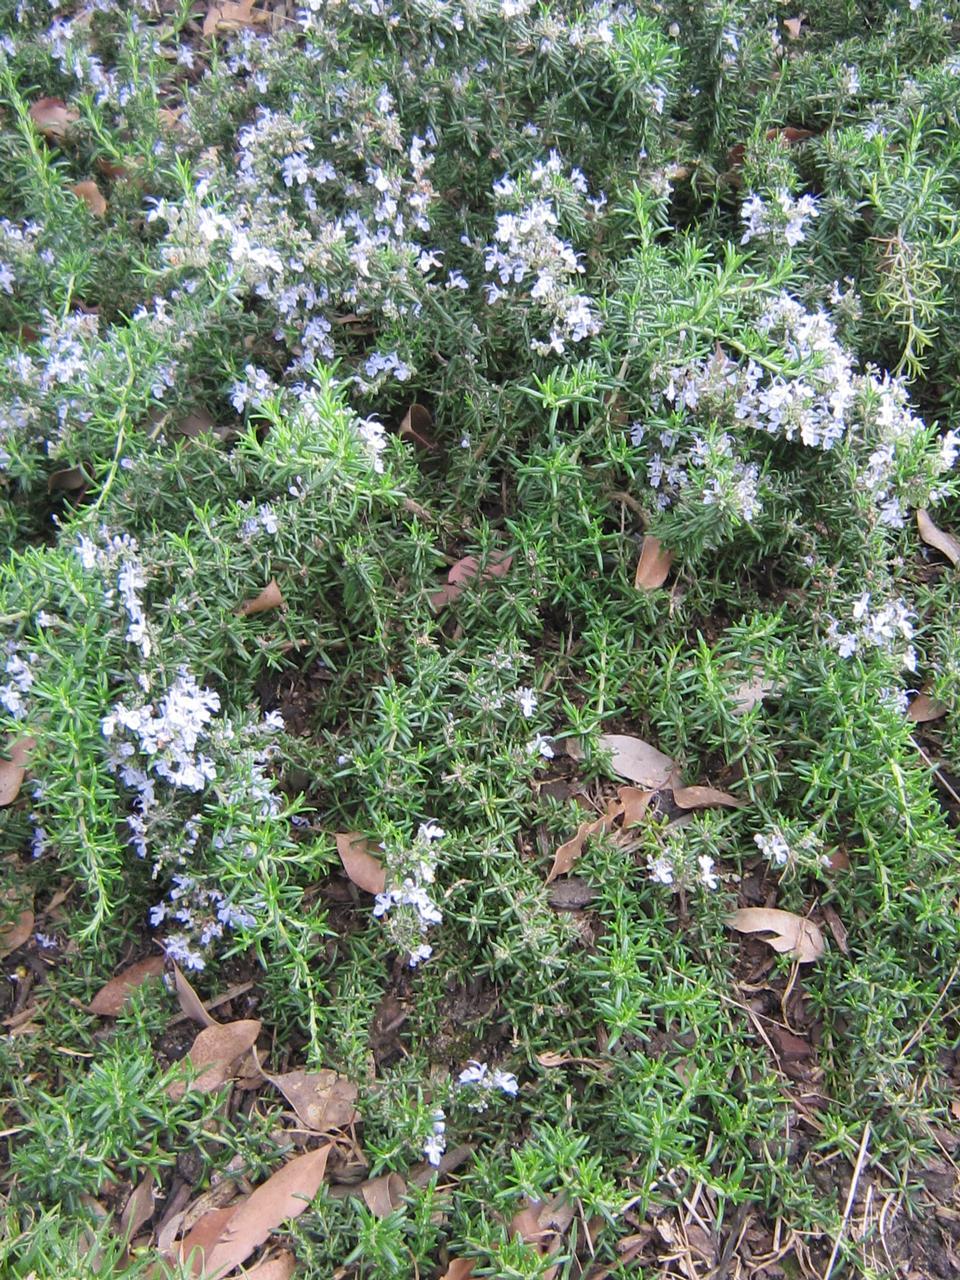 flower_herb_rosemary_groundcover_1